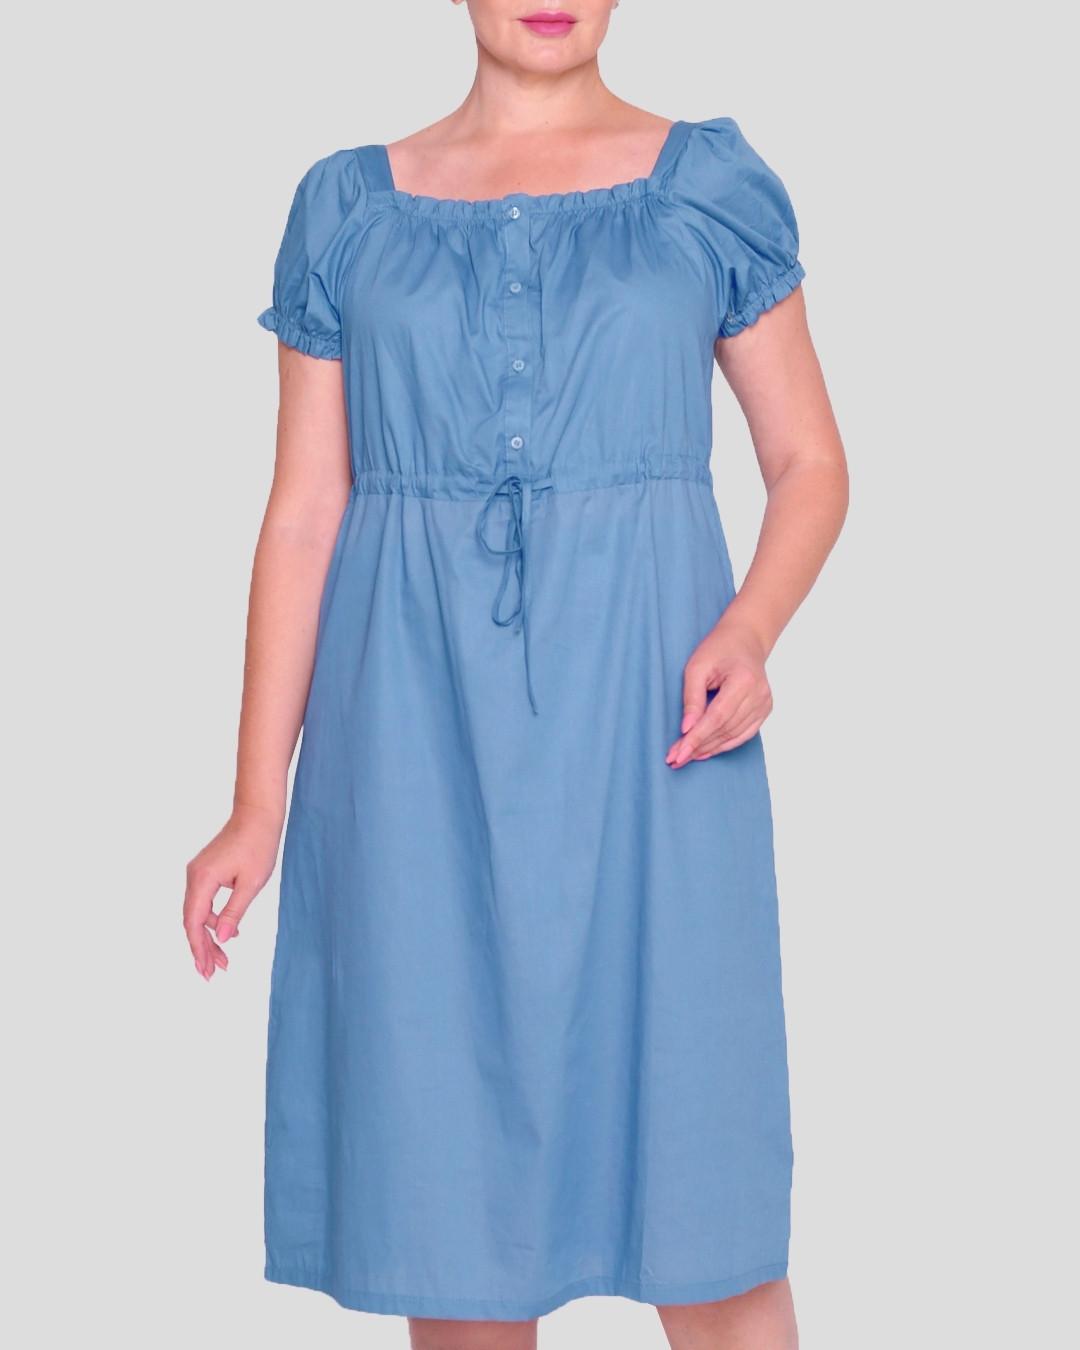 Платье (Сарафан)